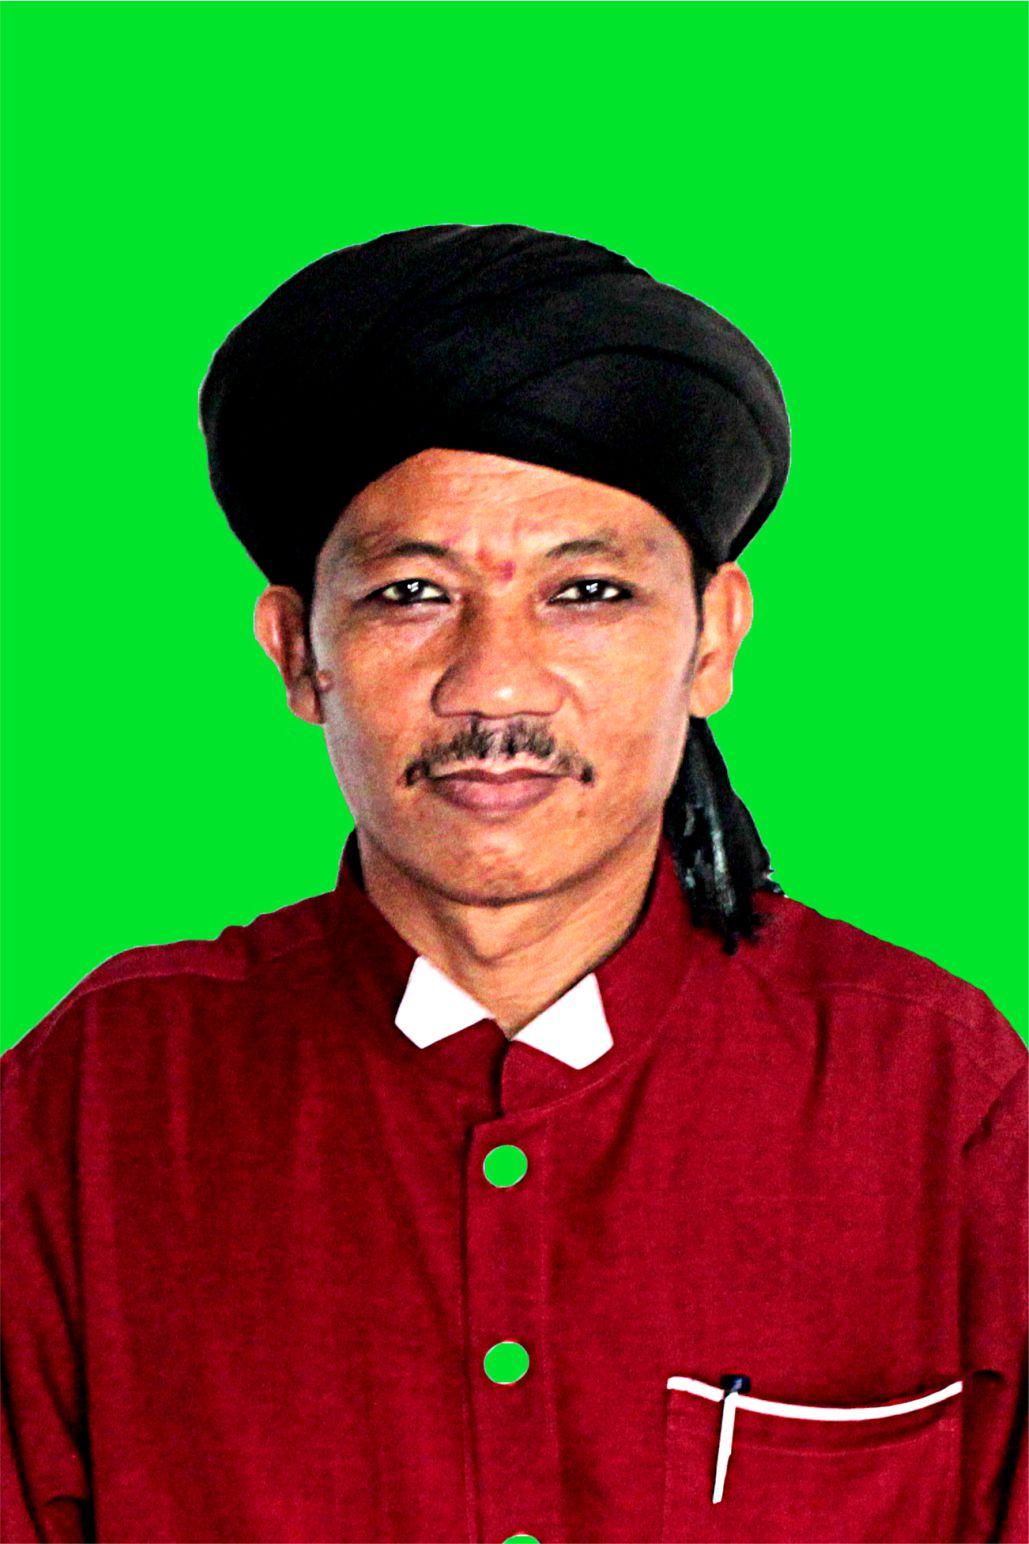 Staff Ustadz Ayi Ridwan SMK Taruna Harapan 1 Cipatat